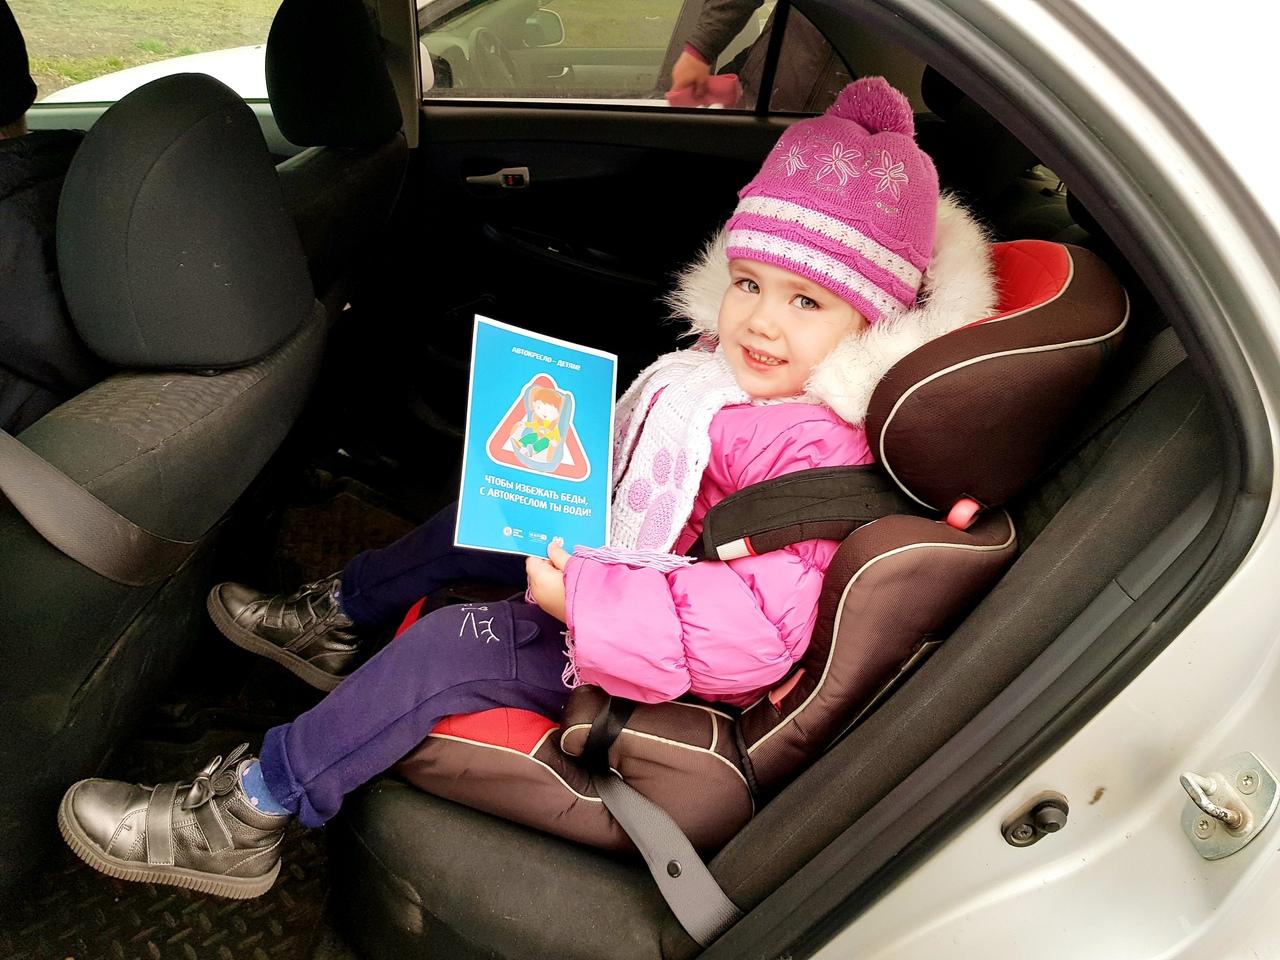 5 удивительных фактов о безопасности детей в автомобилях - parents.ru